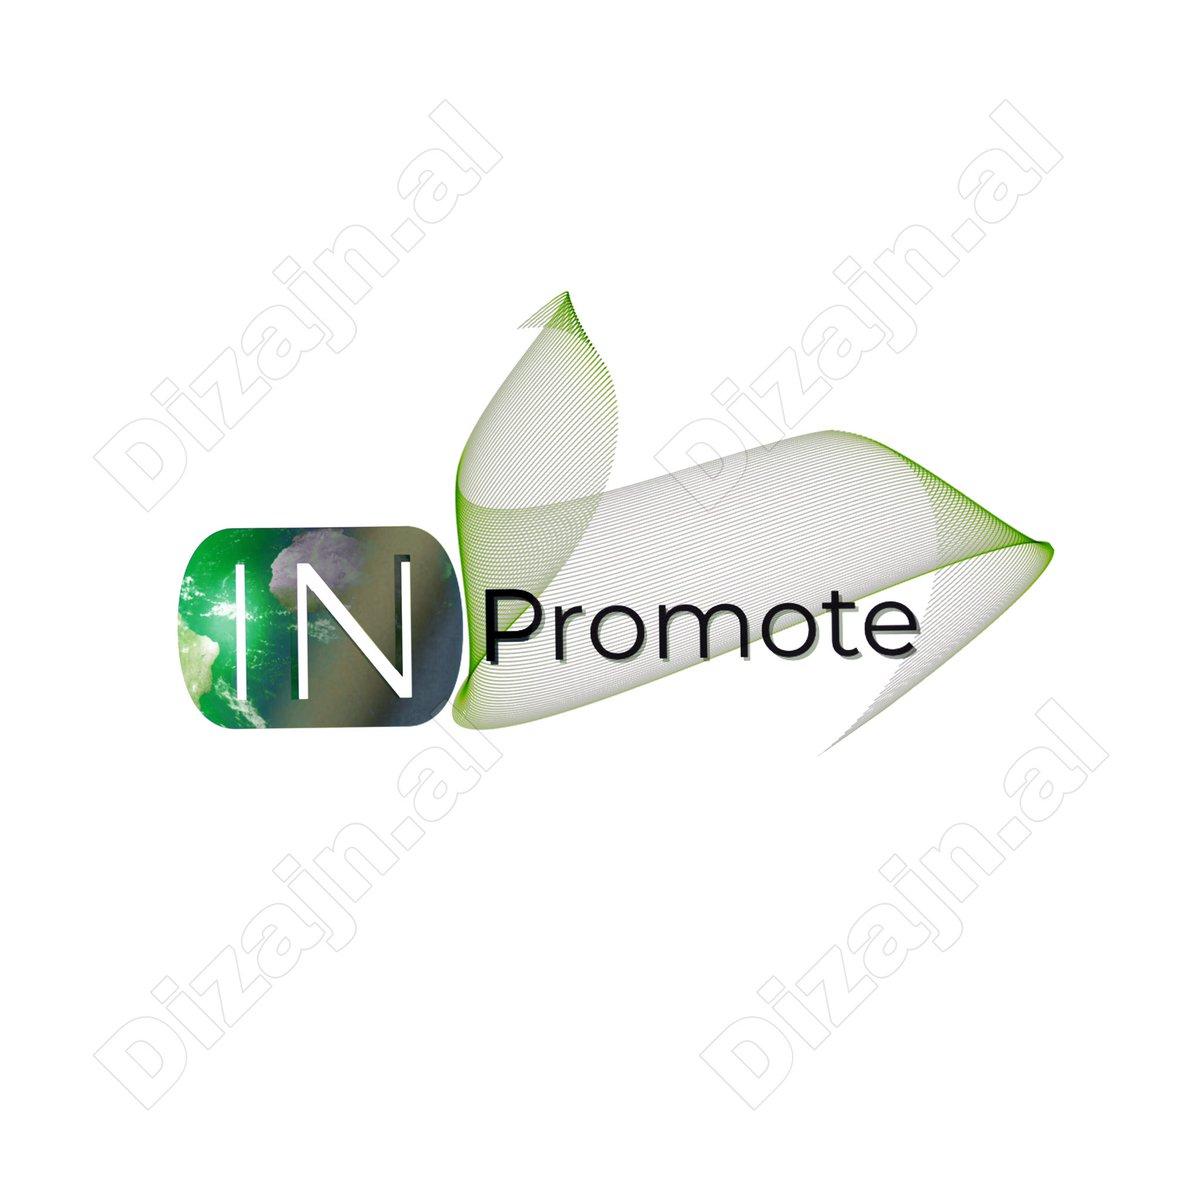 Atraksioni Grafik Fillon Me Nje Ide Te Qarte. Dizajni Unik Mbaron Tek Ne.  #dizajn #design #promote #in #indesign #promotedesign #onlinedesign #grafikdesign #graphicdesign #creator #grafiker #krijues #reklama #postergrafik #logografike #marke #logobrand #brand #paraqitjevizual